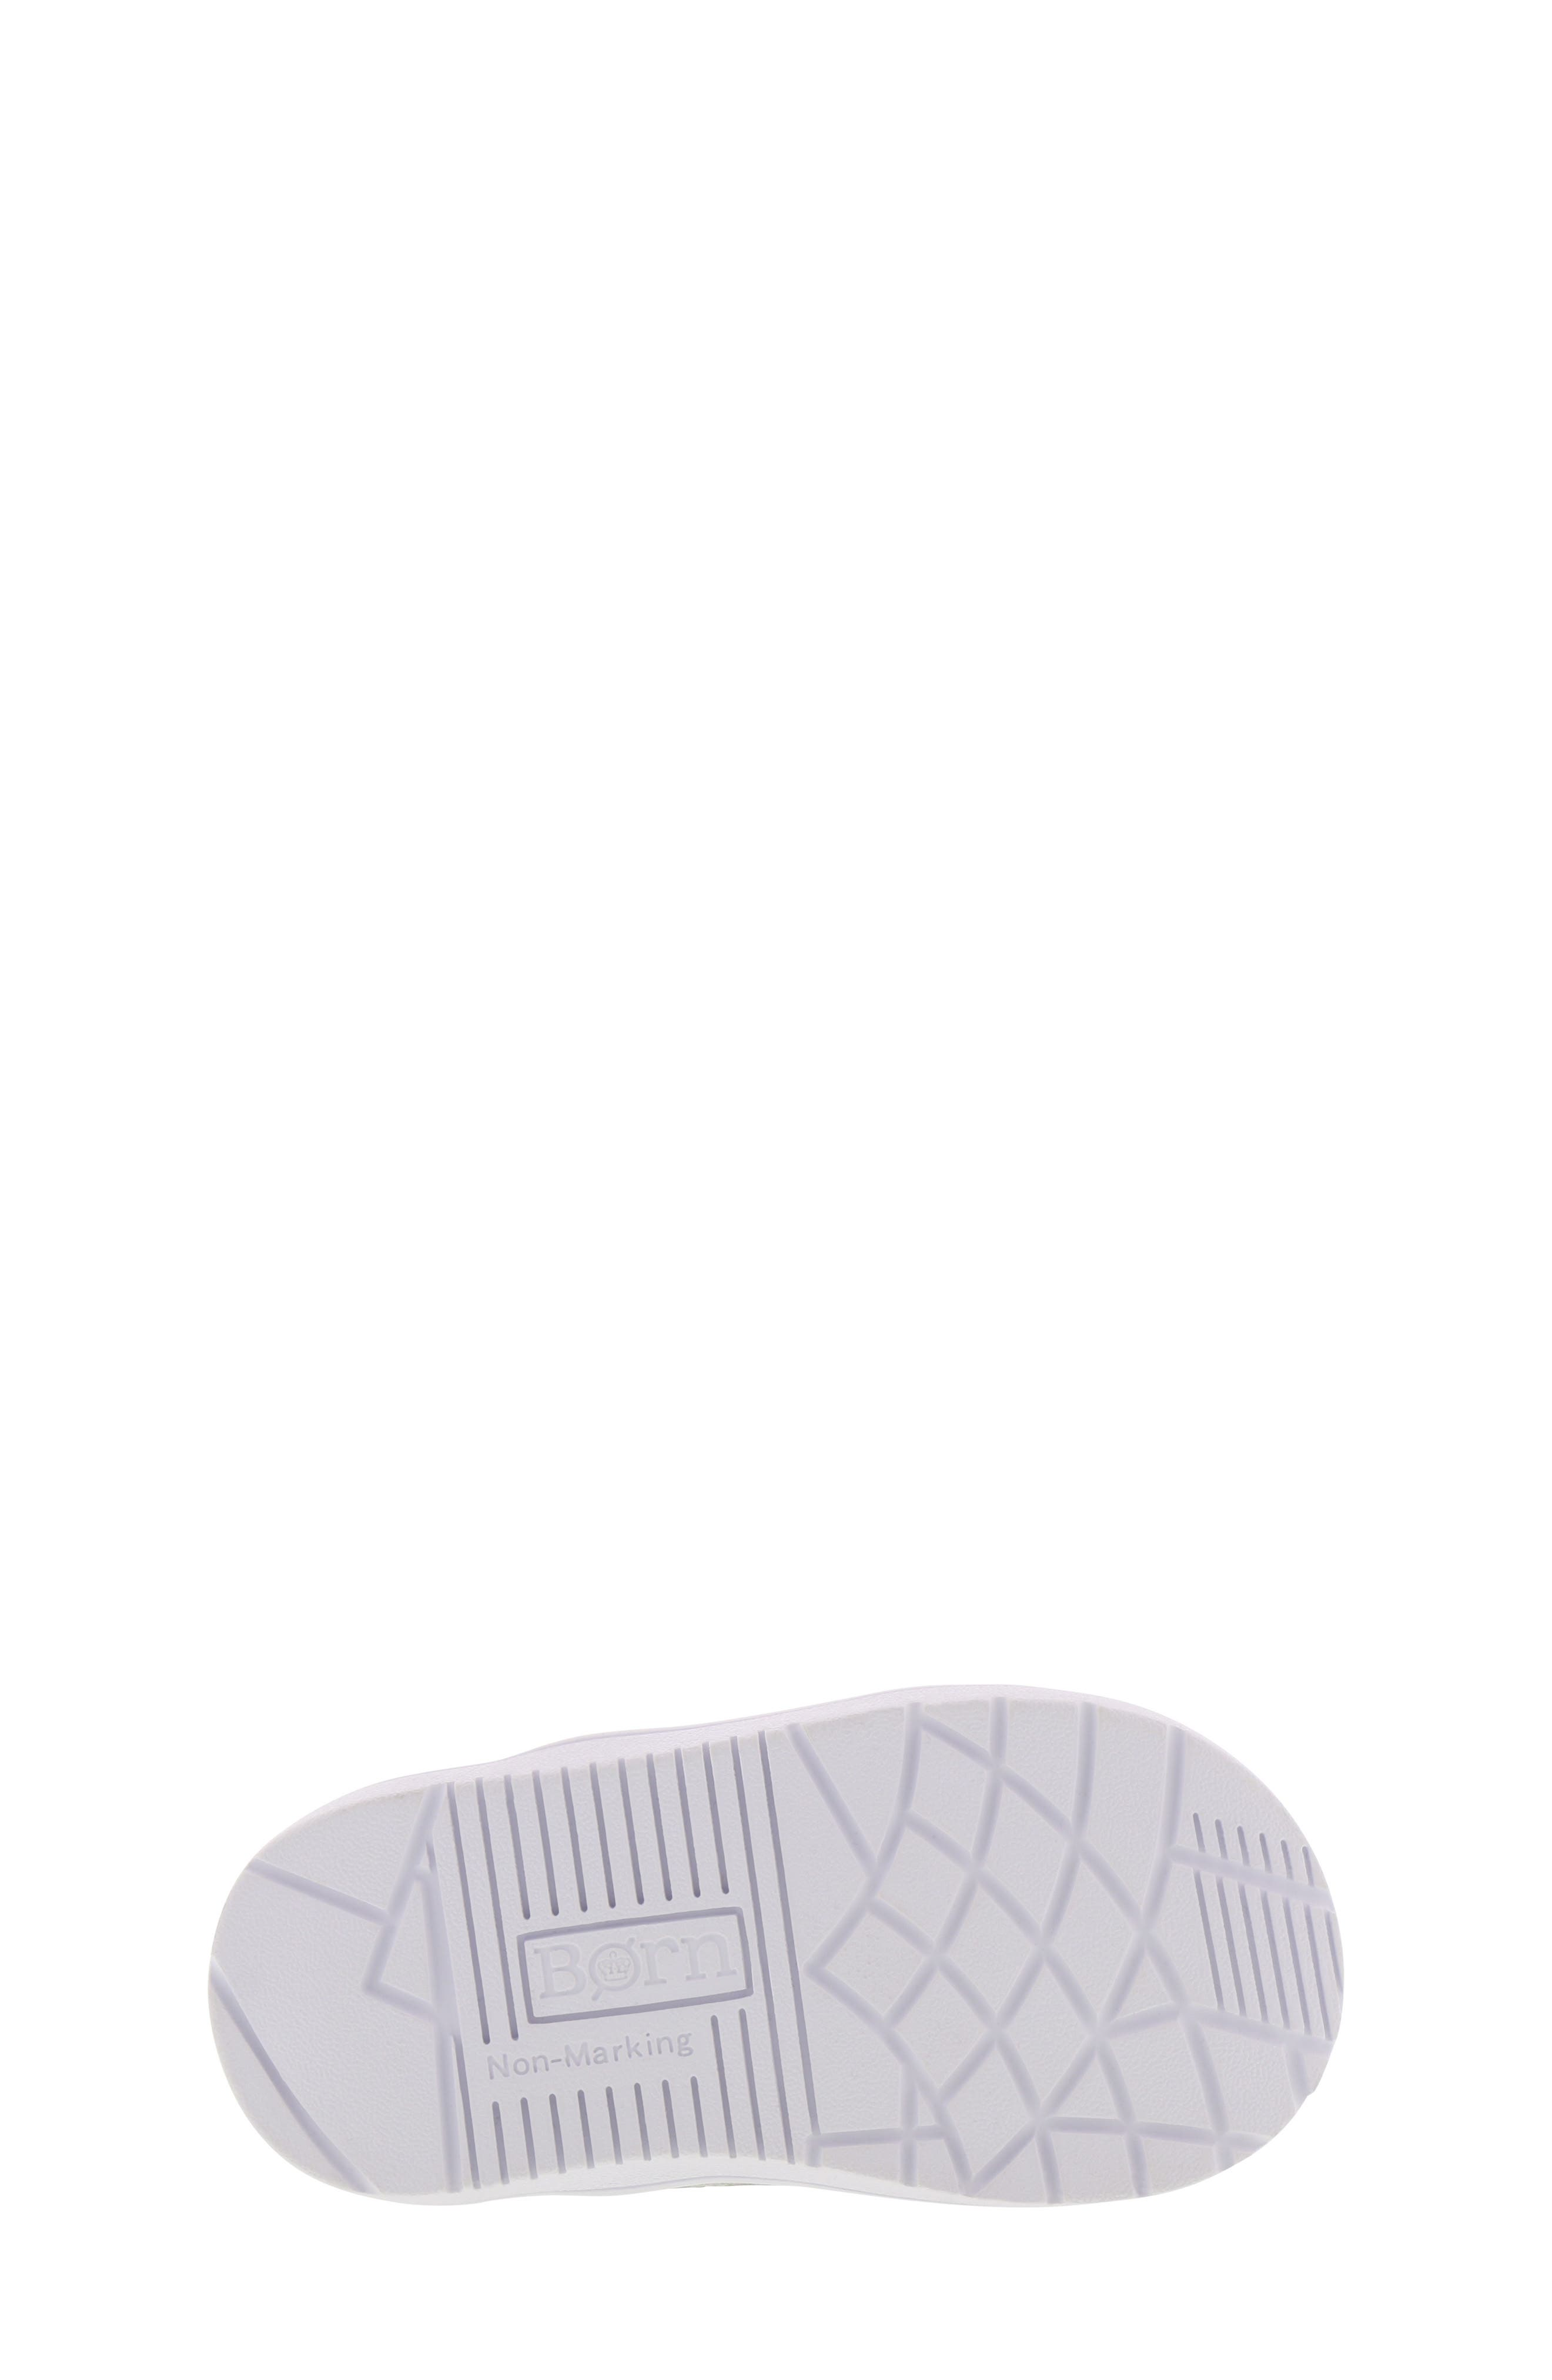 BØRN, Bailey Jaslyna Slip-On Glitter Sneaker, Alternate thumbnail 6, color, SILVER